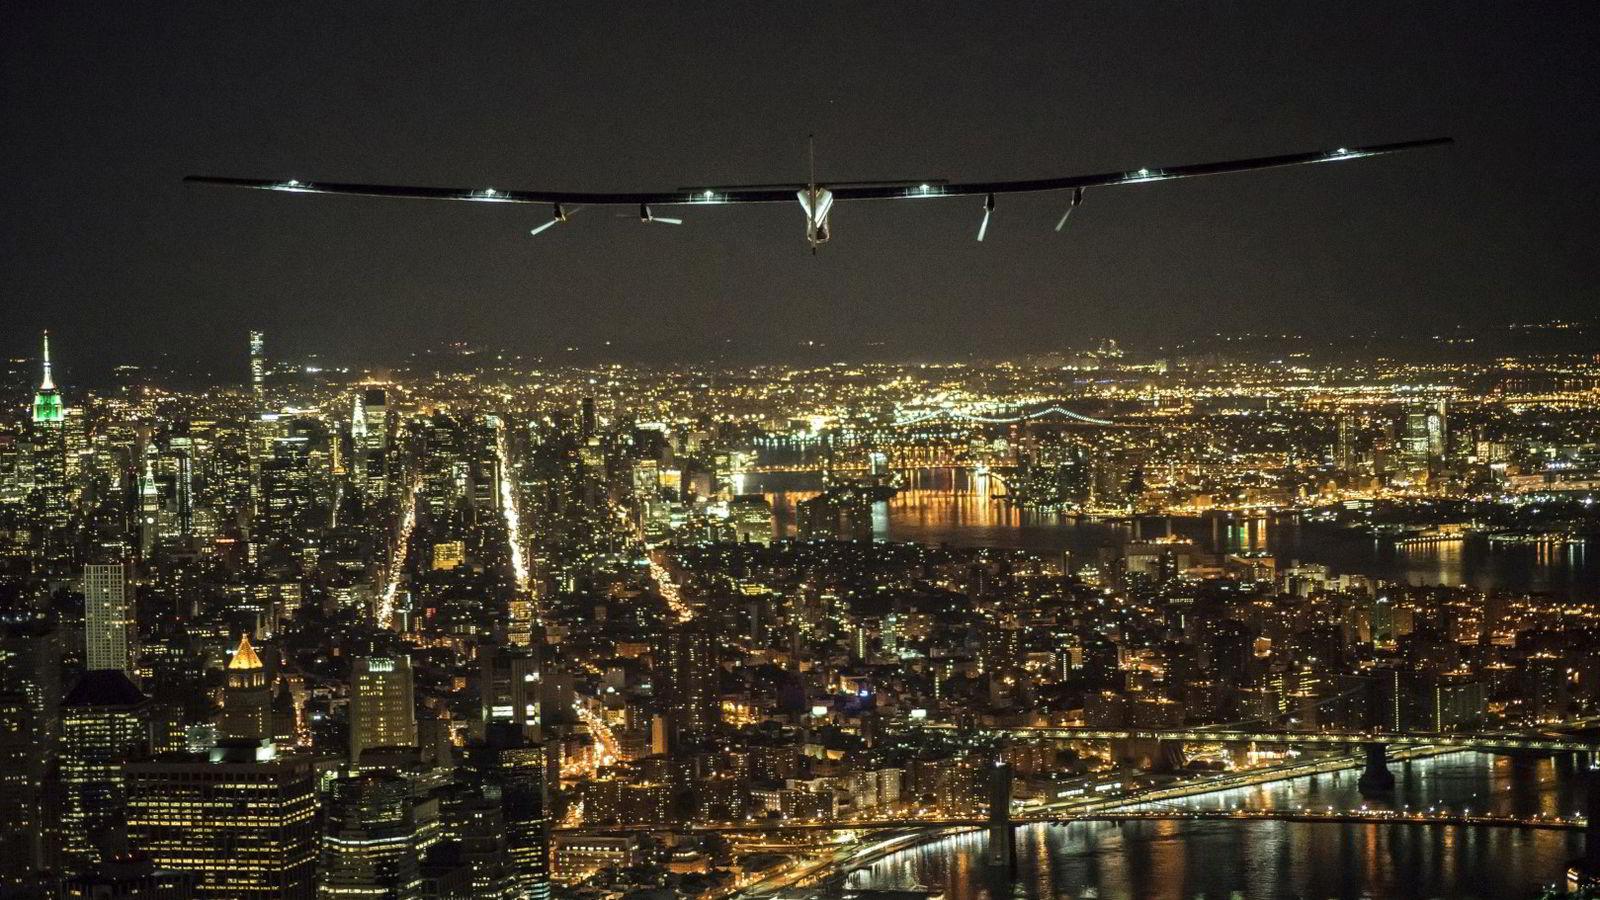 Det må investeres mer i infrastruktur i det meste av verden de kommende årene for å opprettholde veksten. På bildet ser vi solenergiflyet Solar Impulse 2 fly over Manhattan på vei inn for landing på Kennedy-flyplassen tidligere i juni. Foto: Andre Borshberg/Jean Revillard/Reuters/NTB scanpix